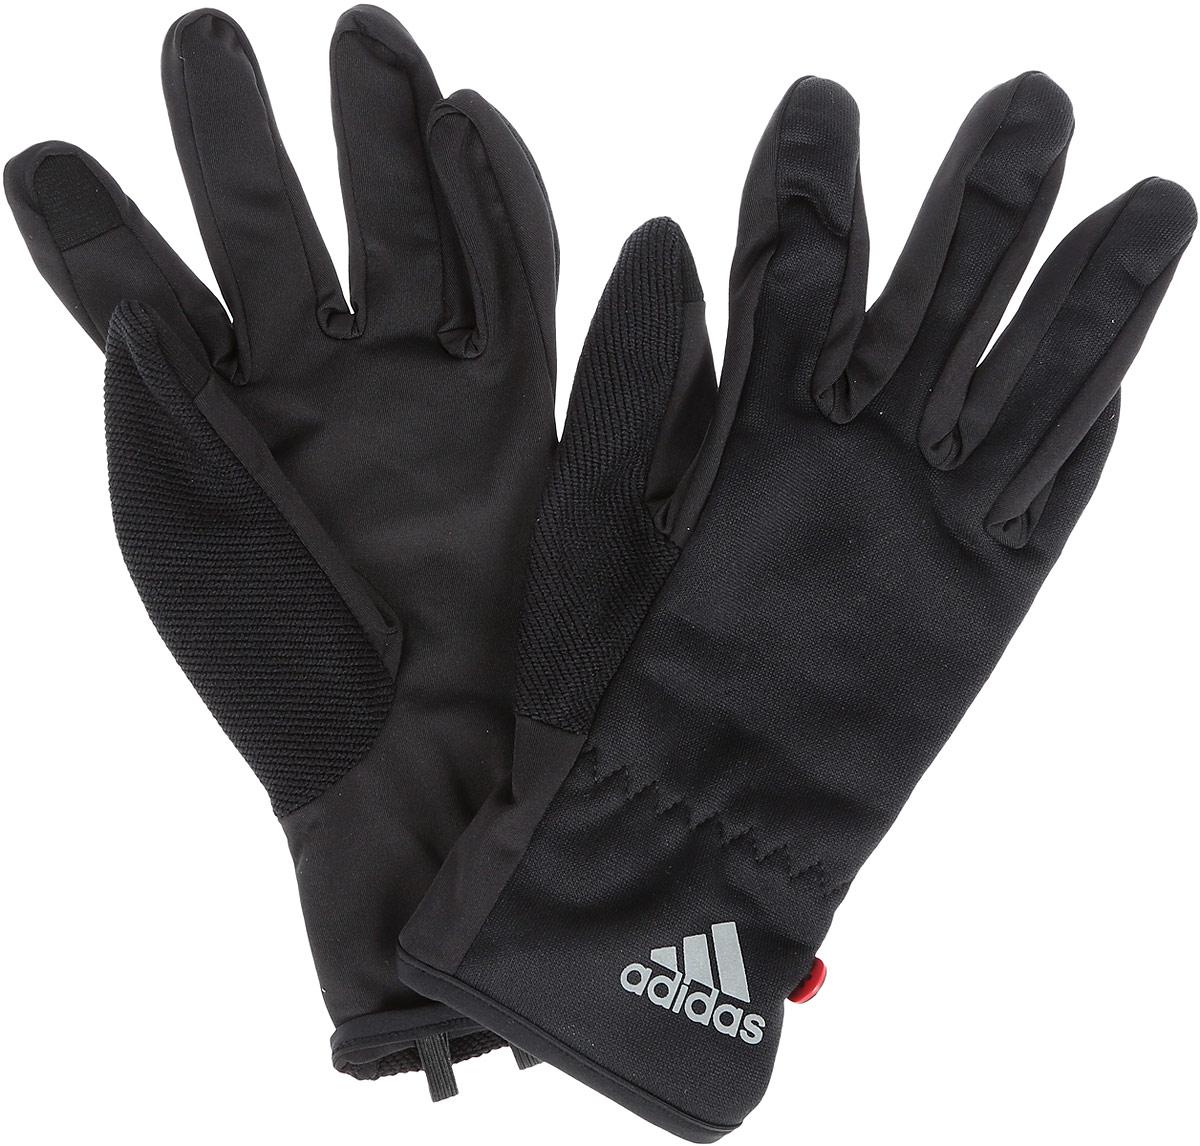 Перчатки для бега Adidas Run Clmlt Glove, цвет: черный. Размер M (20)N.RG.G6.003.LGМягкие и легкие перчатки Adidas Run Clmlt Glove защитят вас от холода и непогоды во время интенсивной тренировки. Технология Сlimalite способствуетбыстрому выведению влаги с поверхности тела. Модель оформлена логотипом бренда.Выделяйтесь из толпы благодаря стильному дизайну перчаток.Длина: 24 см. Ширина: 8,5 см. Длина большого пальца: 11 см.